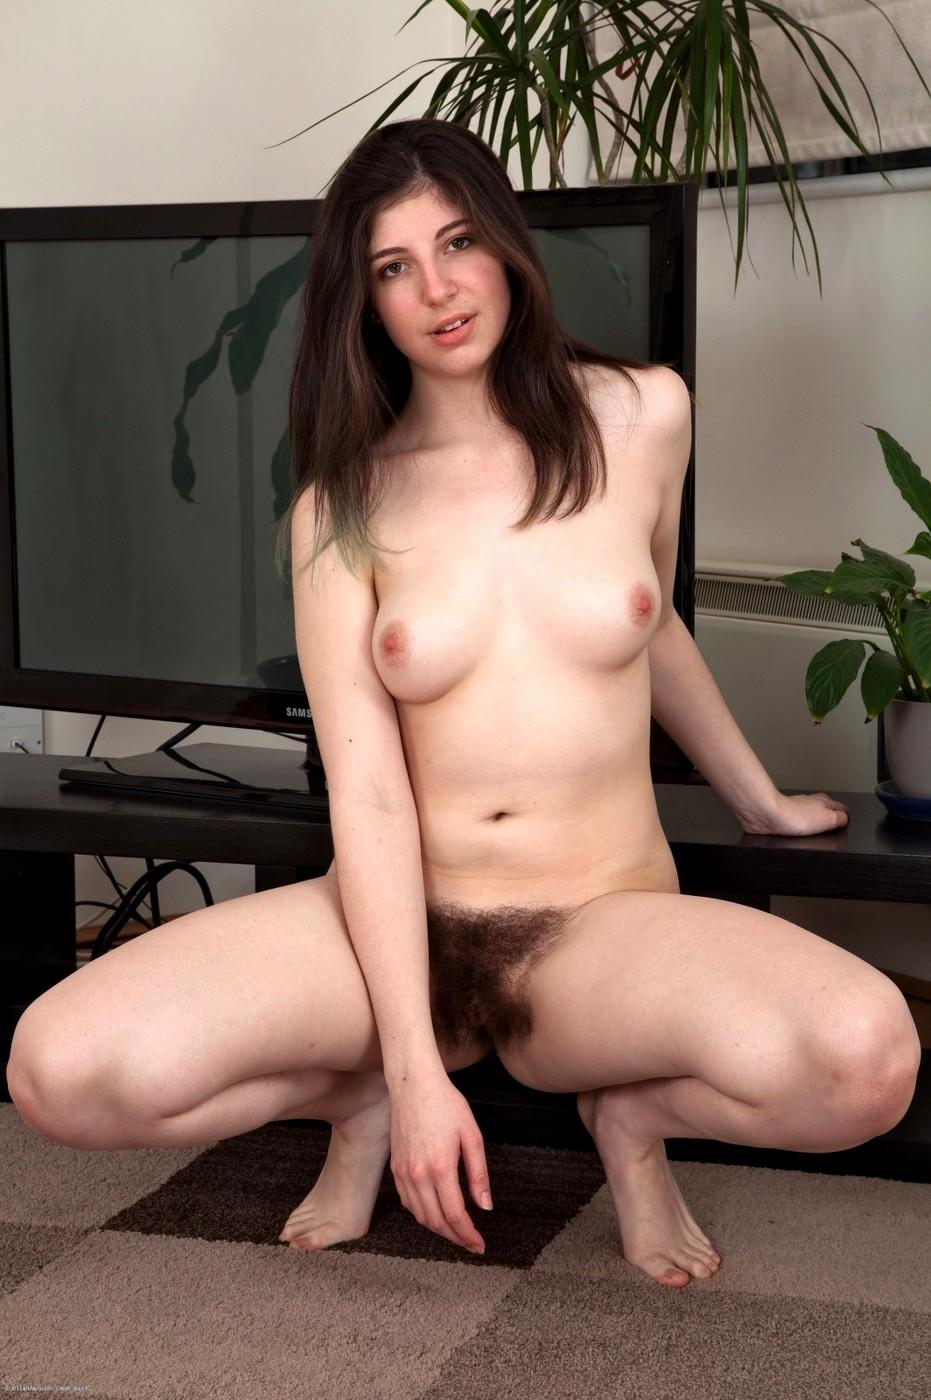 virgin little girl naked